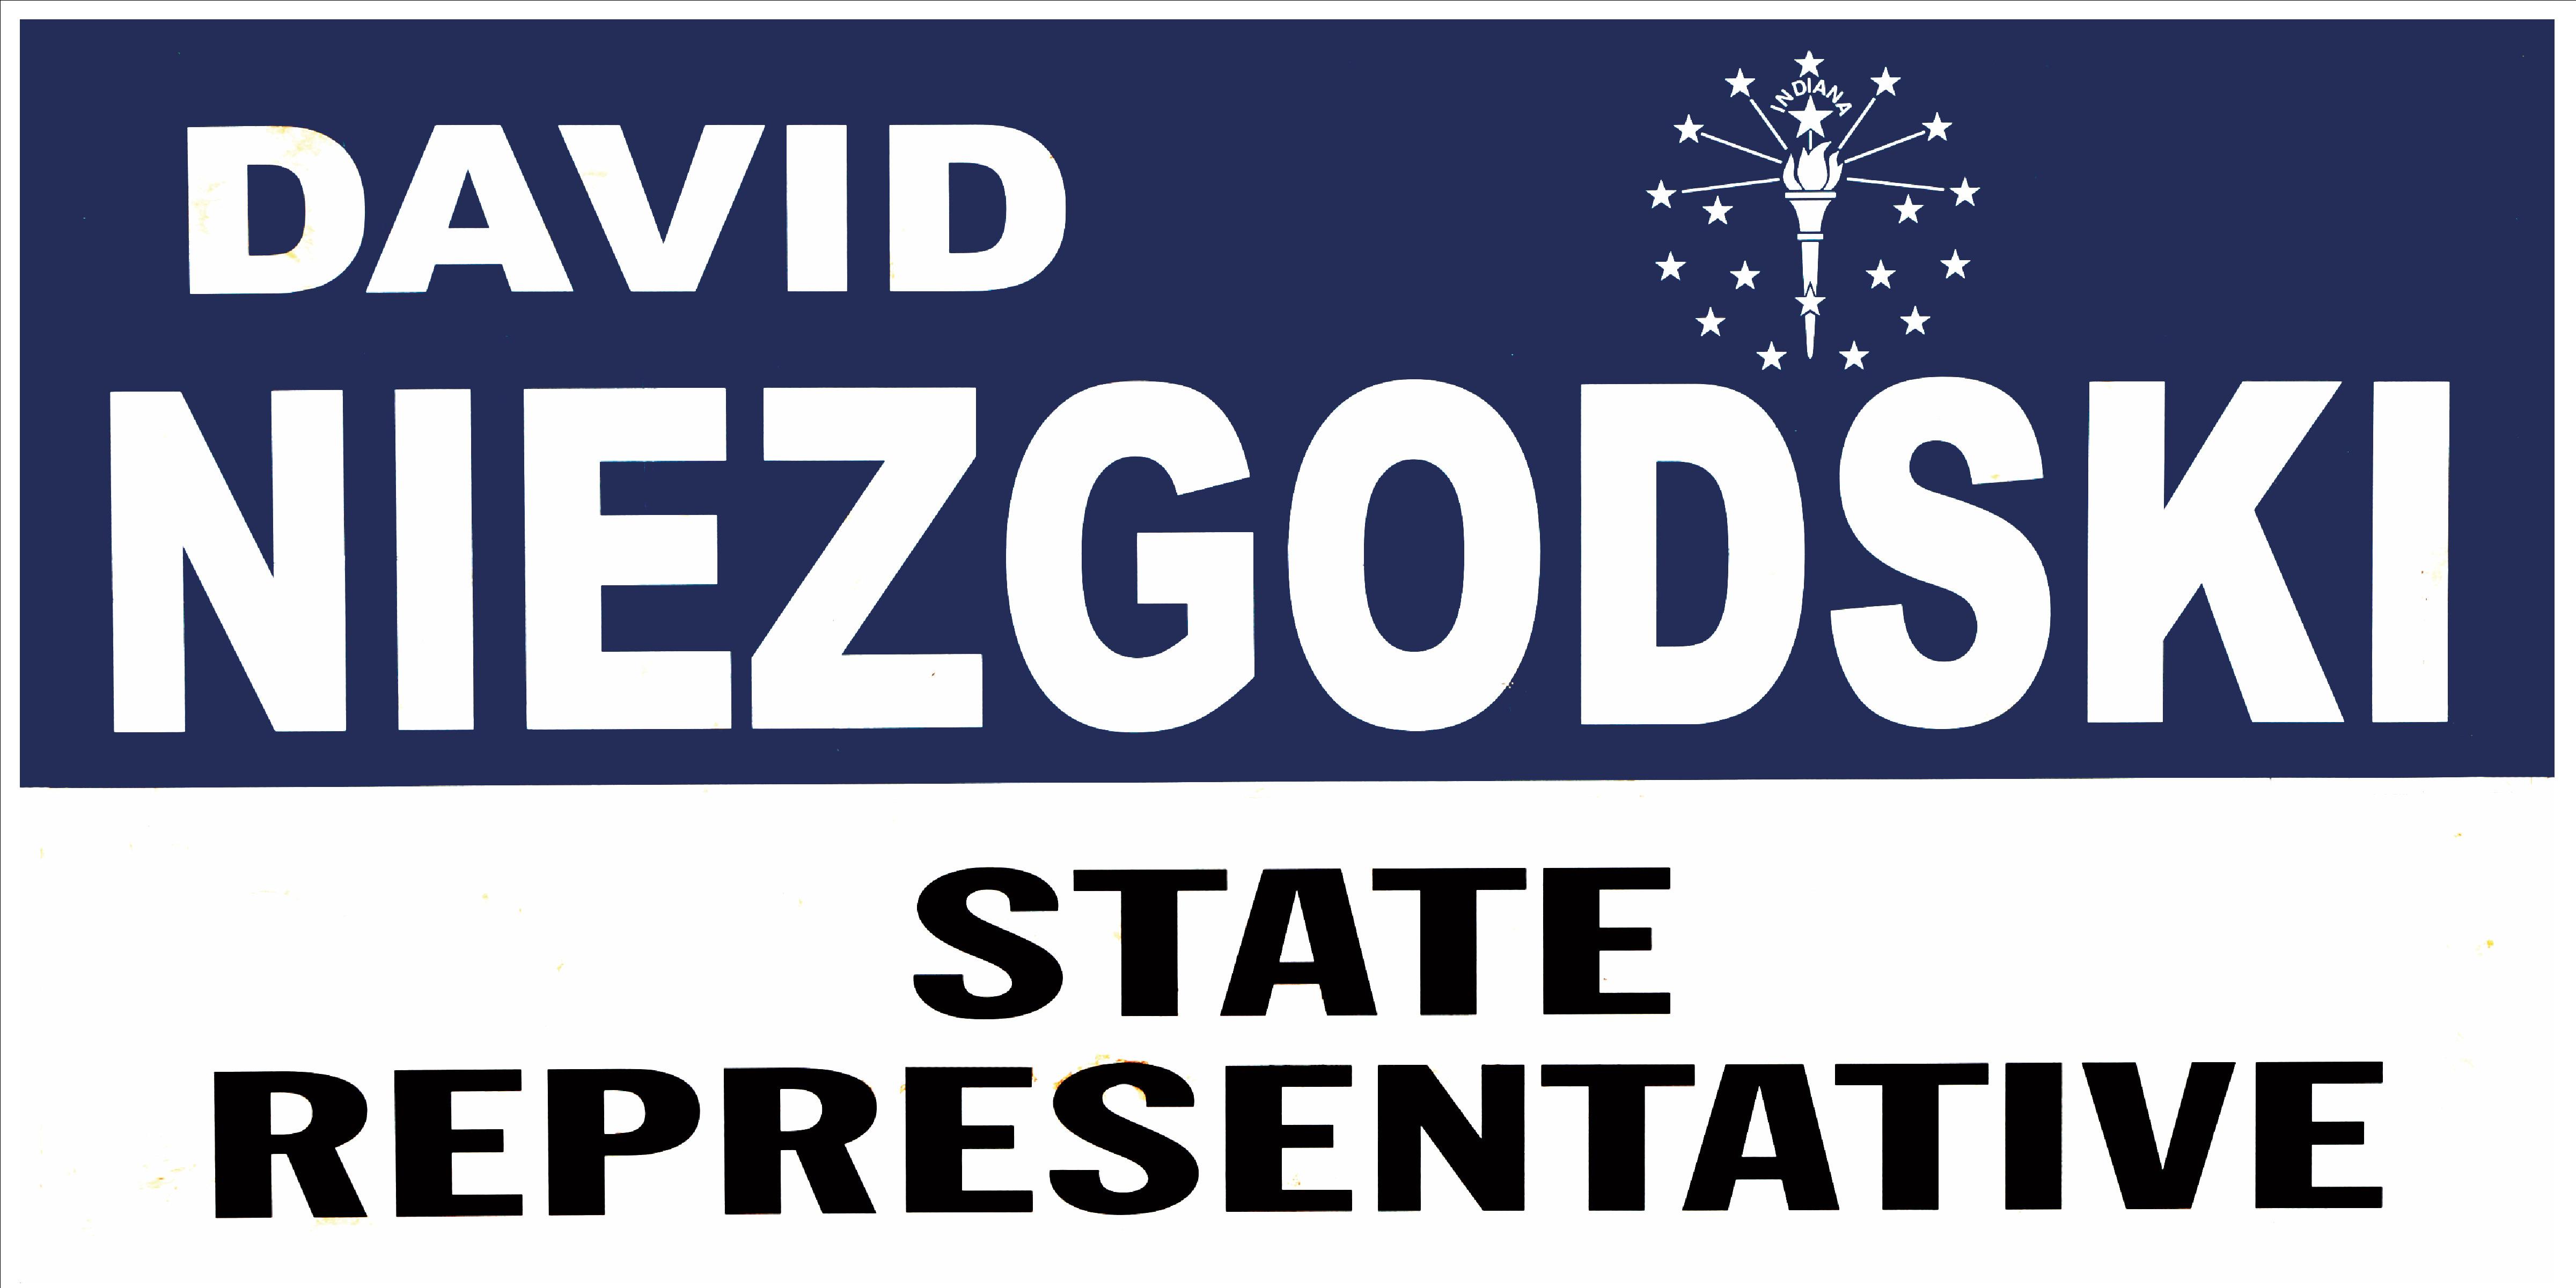 Senator Dave Niegodski